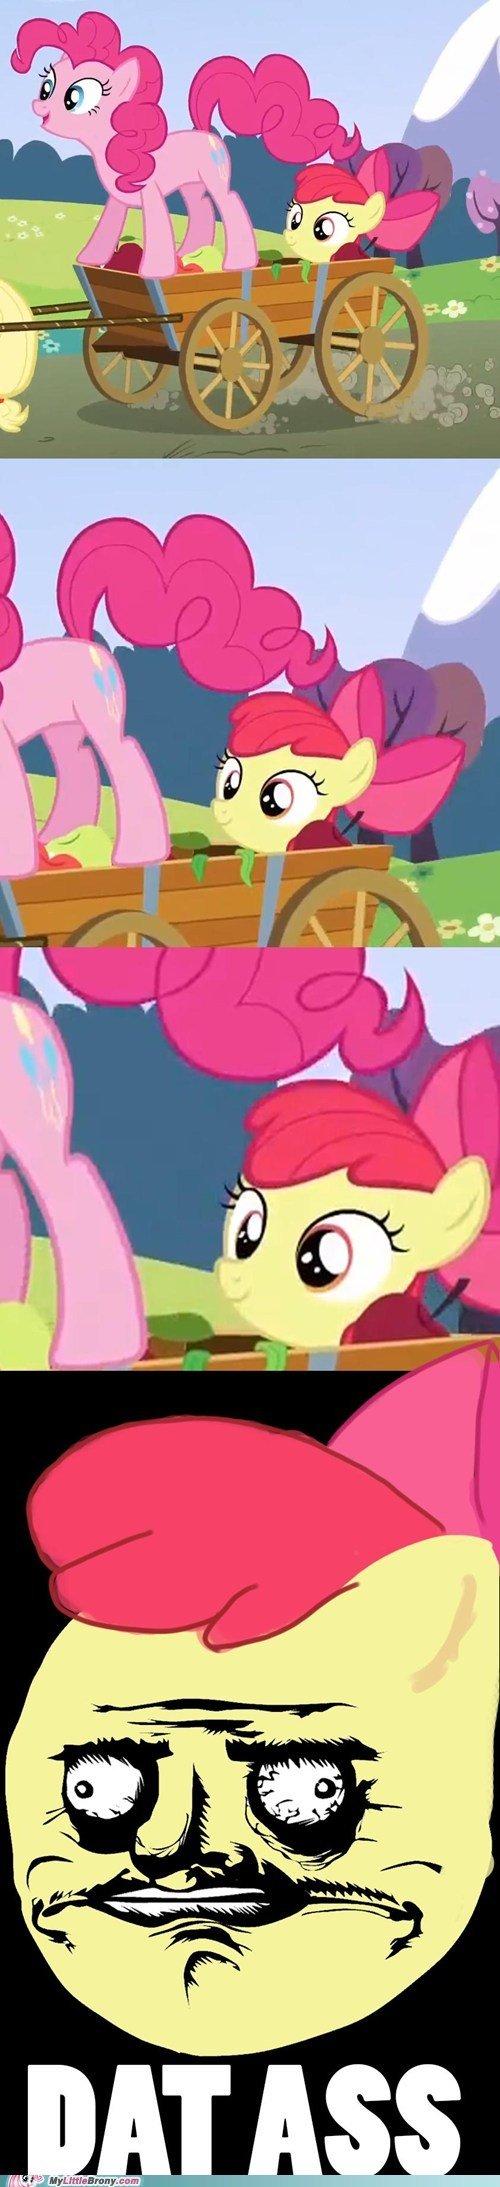 Dat ass. .. that's a mare, not an ass Dat ass that's a mare not an